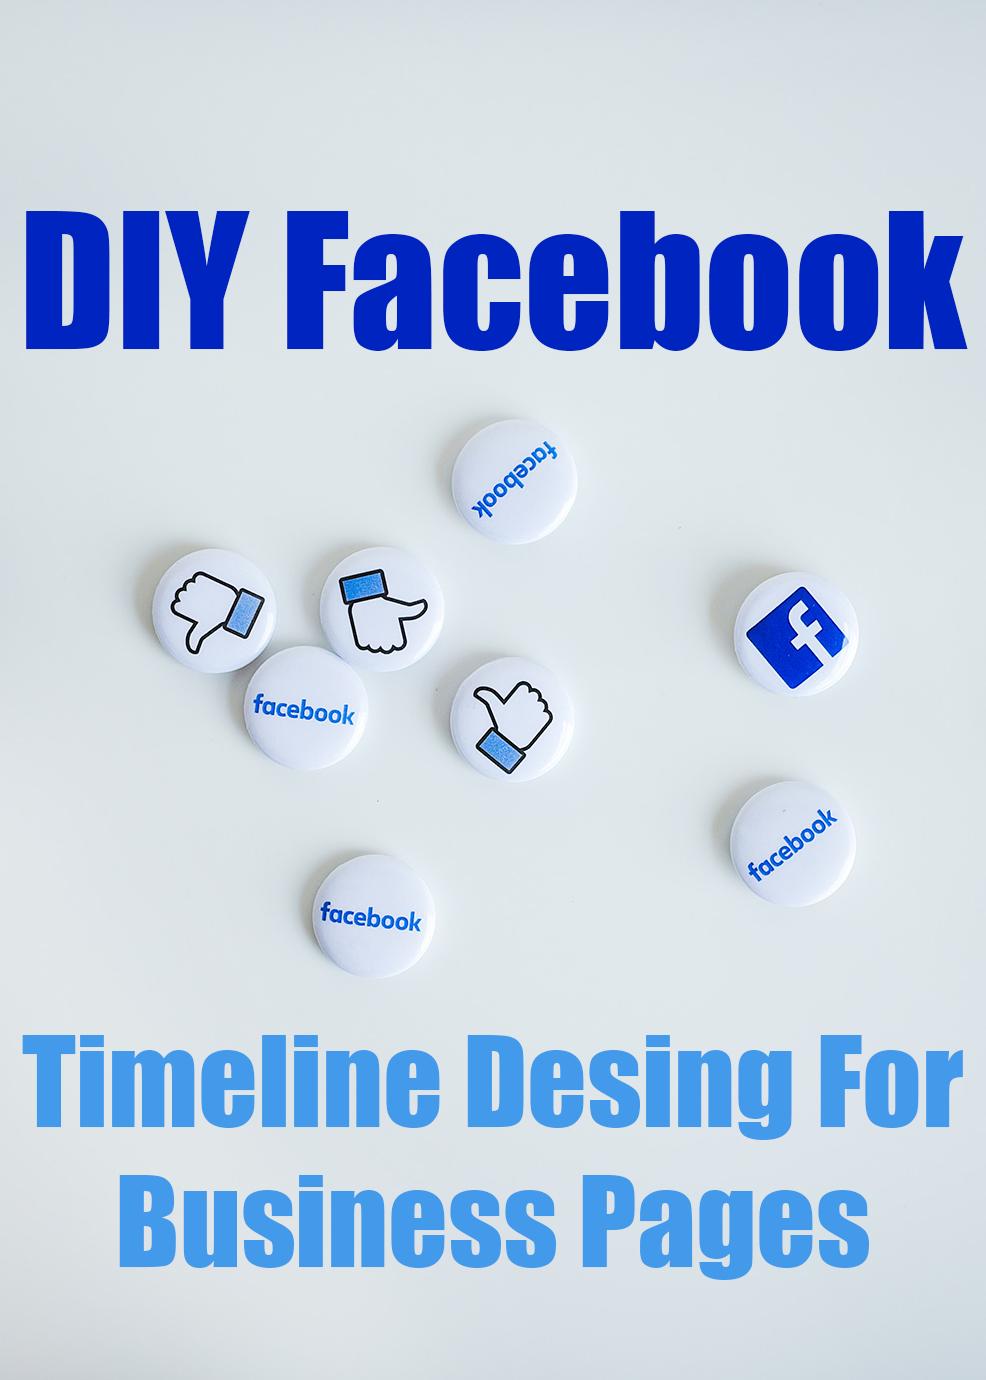 DIY Facebook Timeline Design For Business Pages